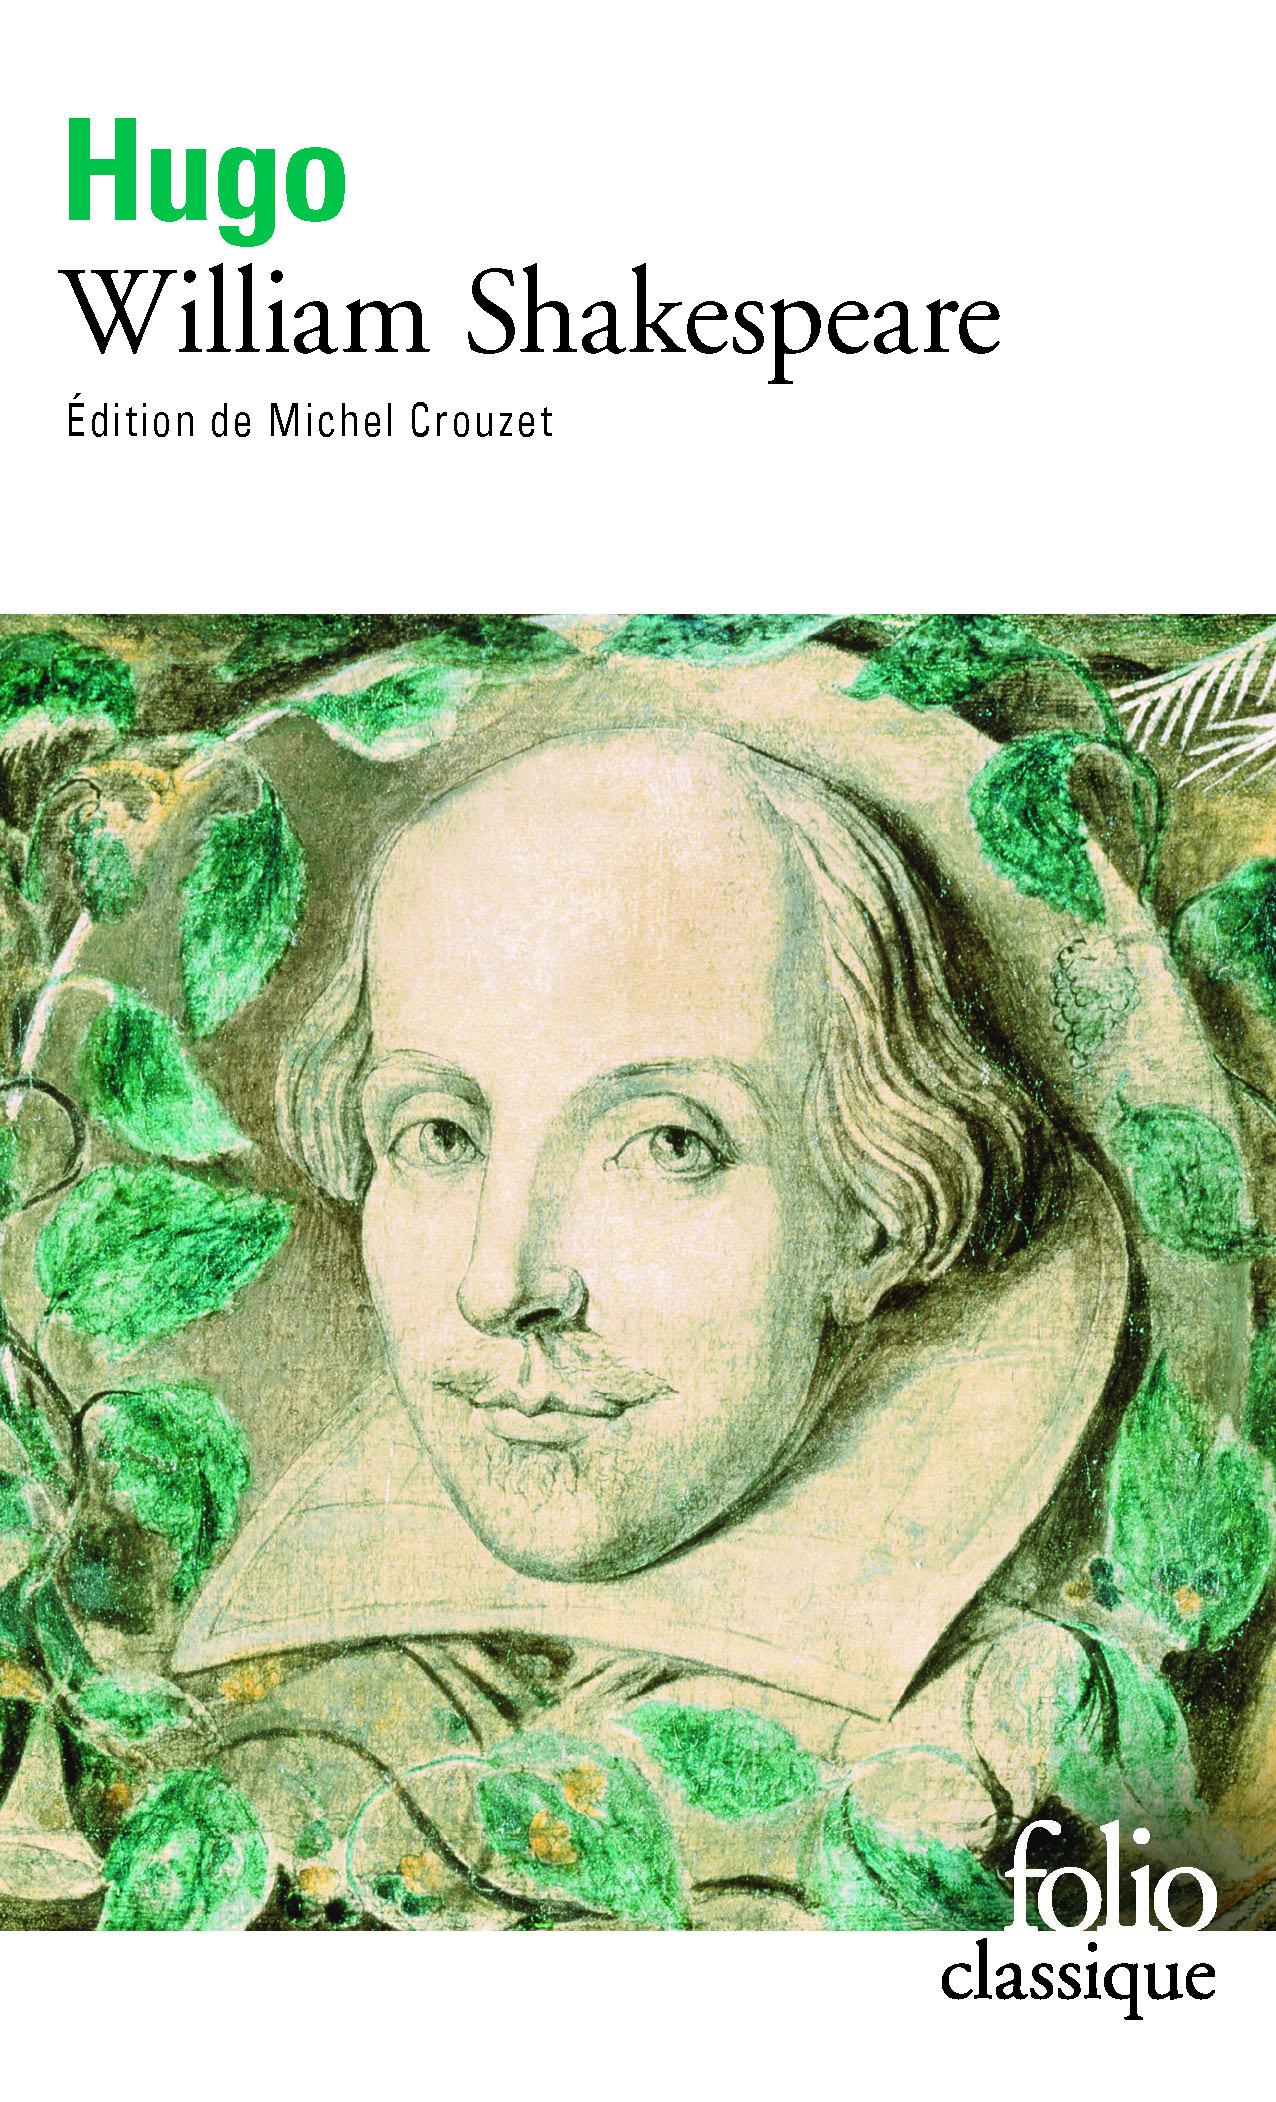 V. Hugo, William Shakespeare (éd. M. Crouzet, Folio Classiques)